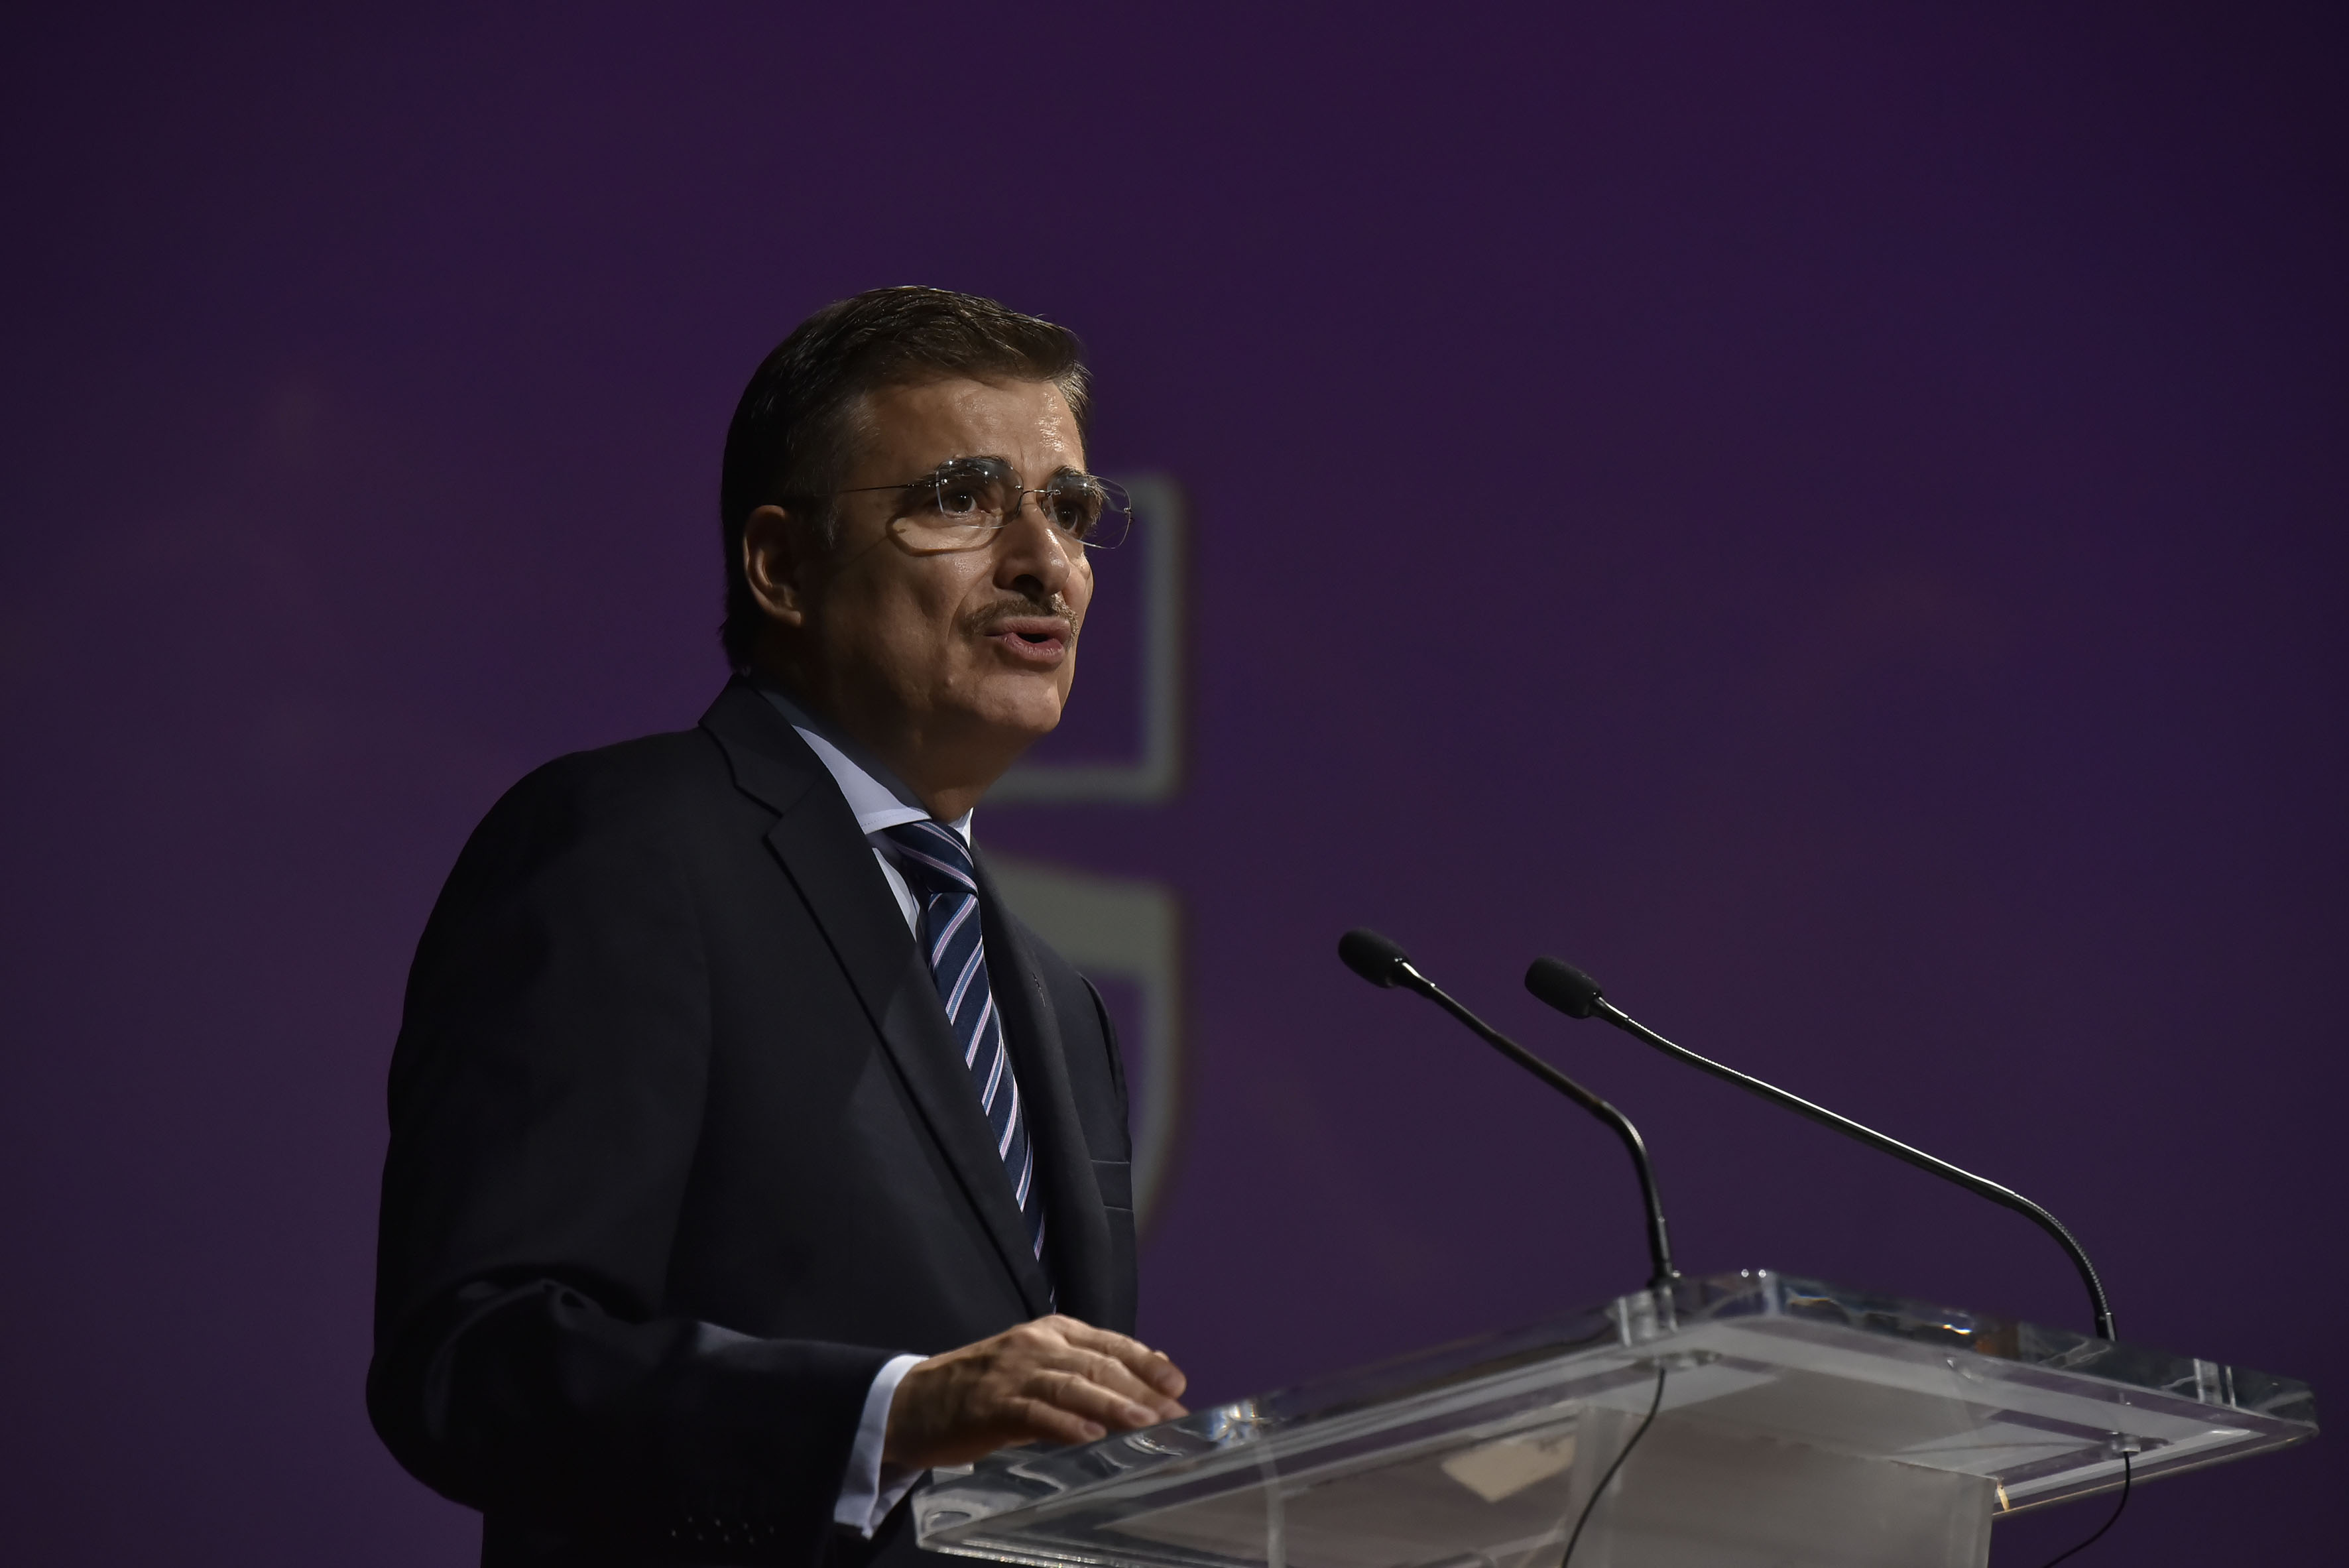 Maestro Itzcóatl Tonatiuh Bravo Padilla, Rector General de la Universidad de Guadalajara, en podium del auditorio, haciendo uso de la palabra.